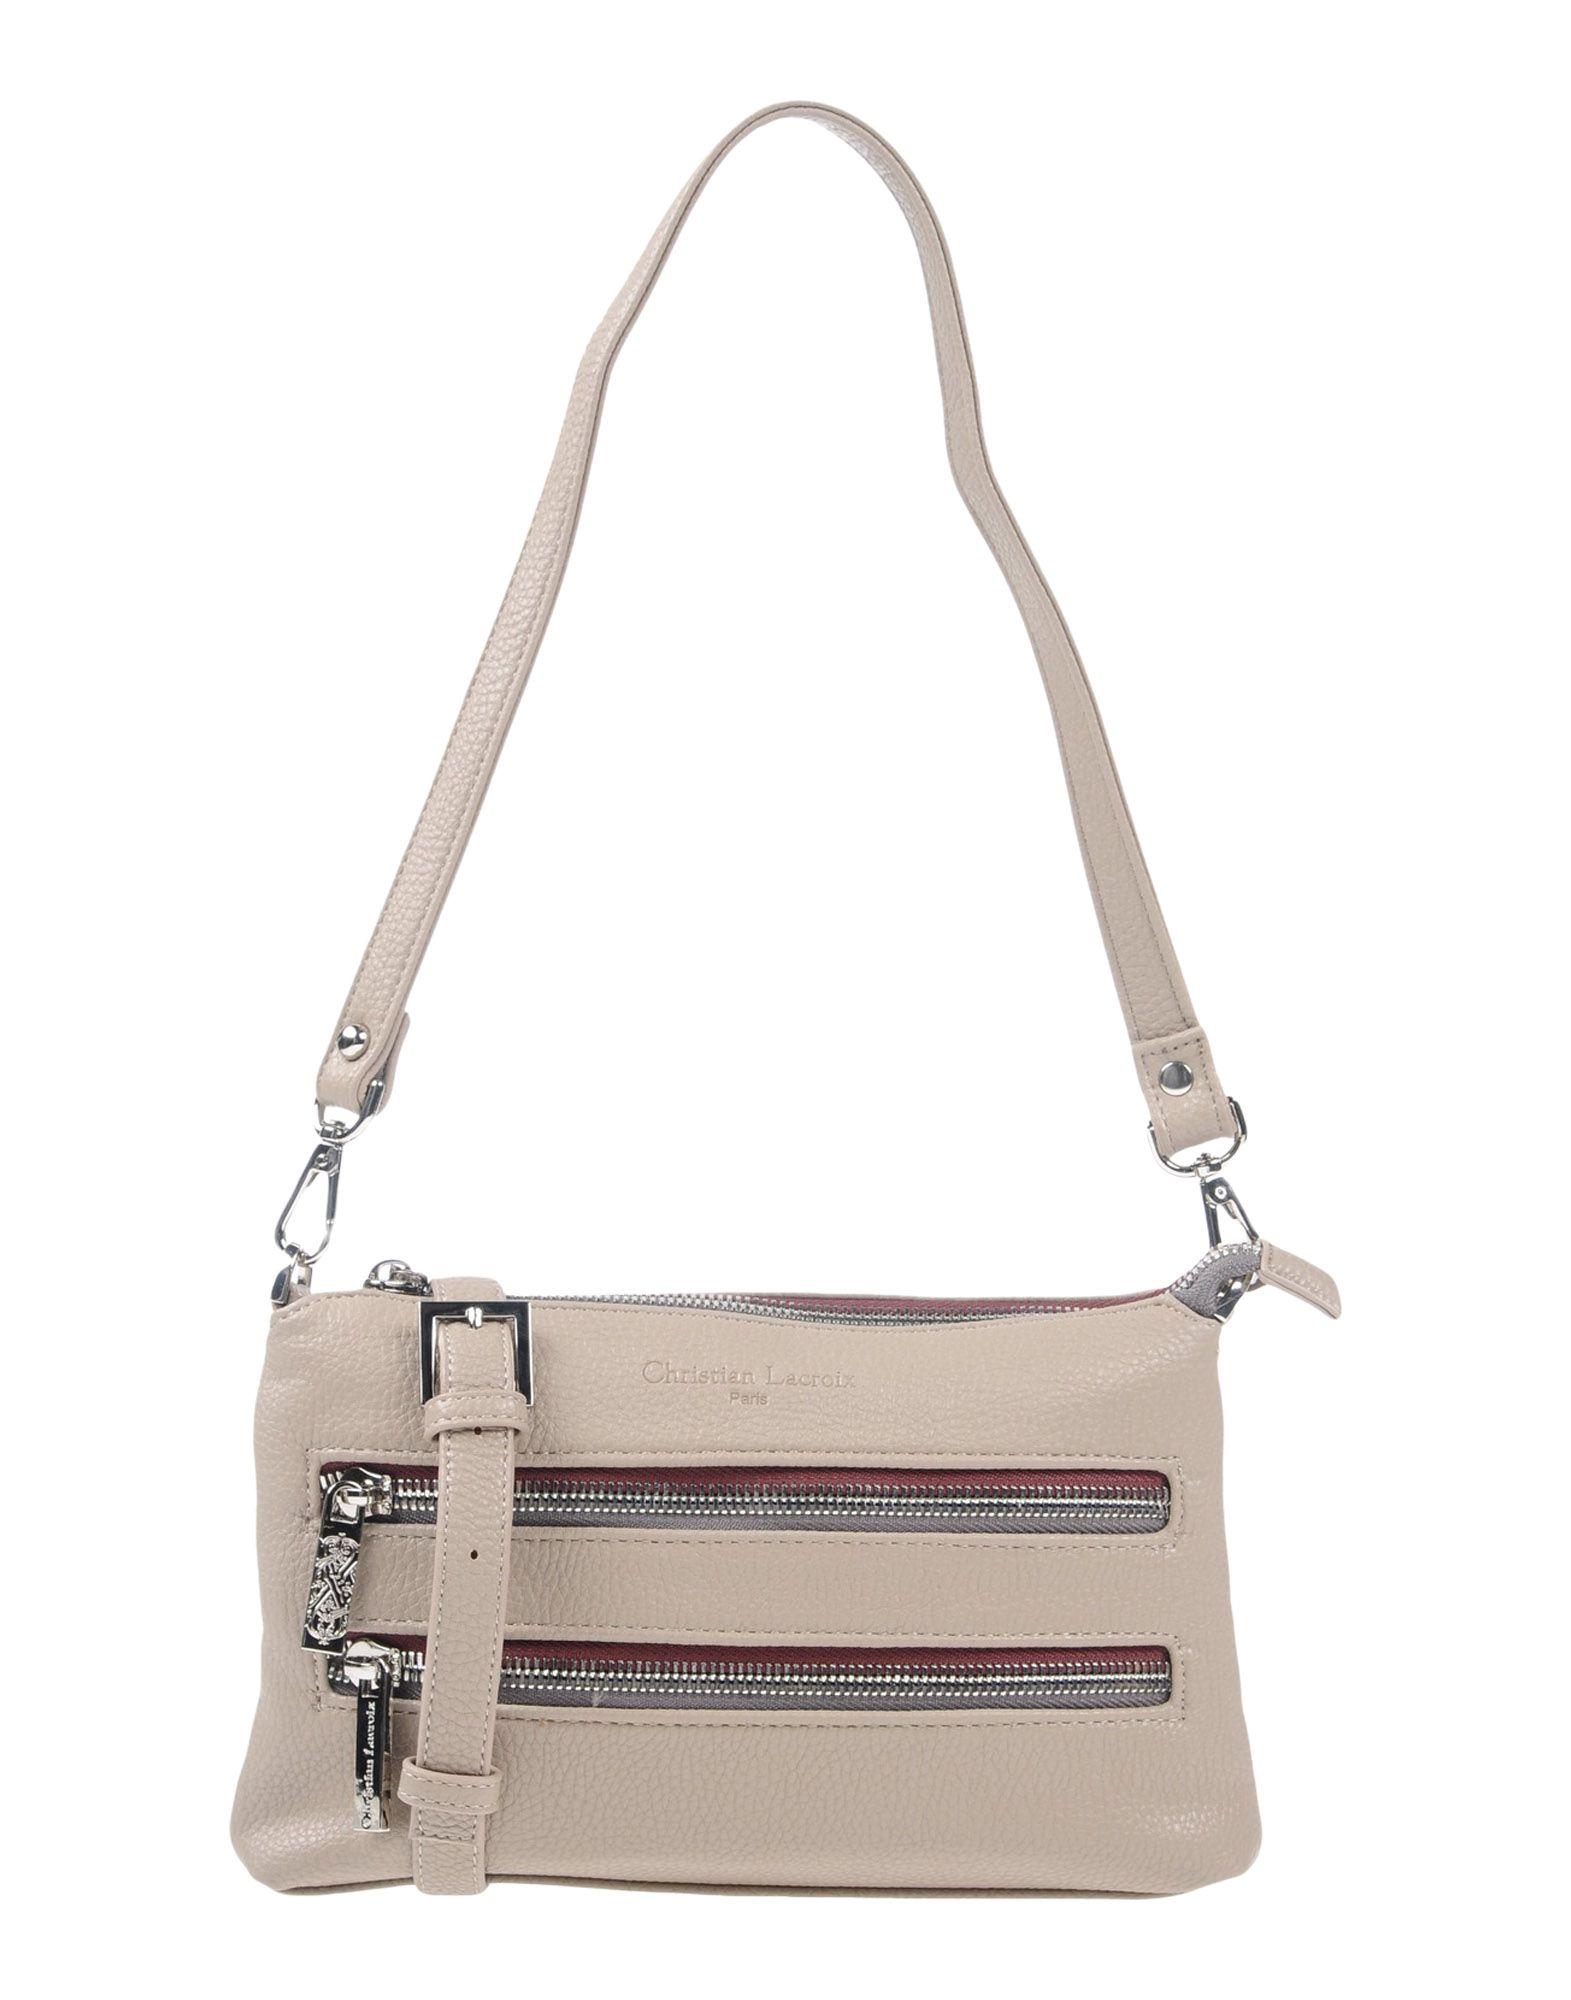 CHRISTIAN LACROIX Shoulder Bag in Light Grey